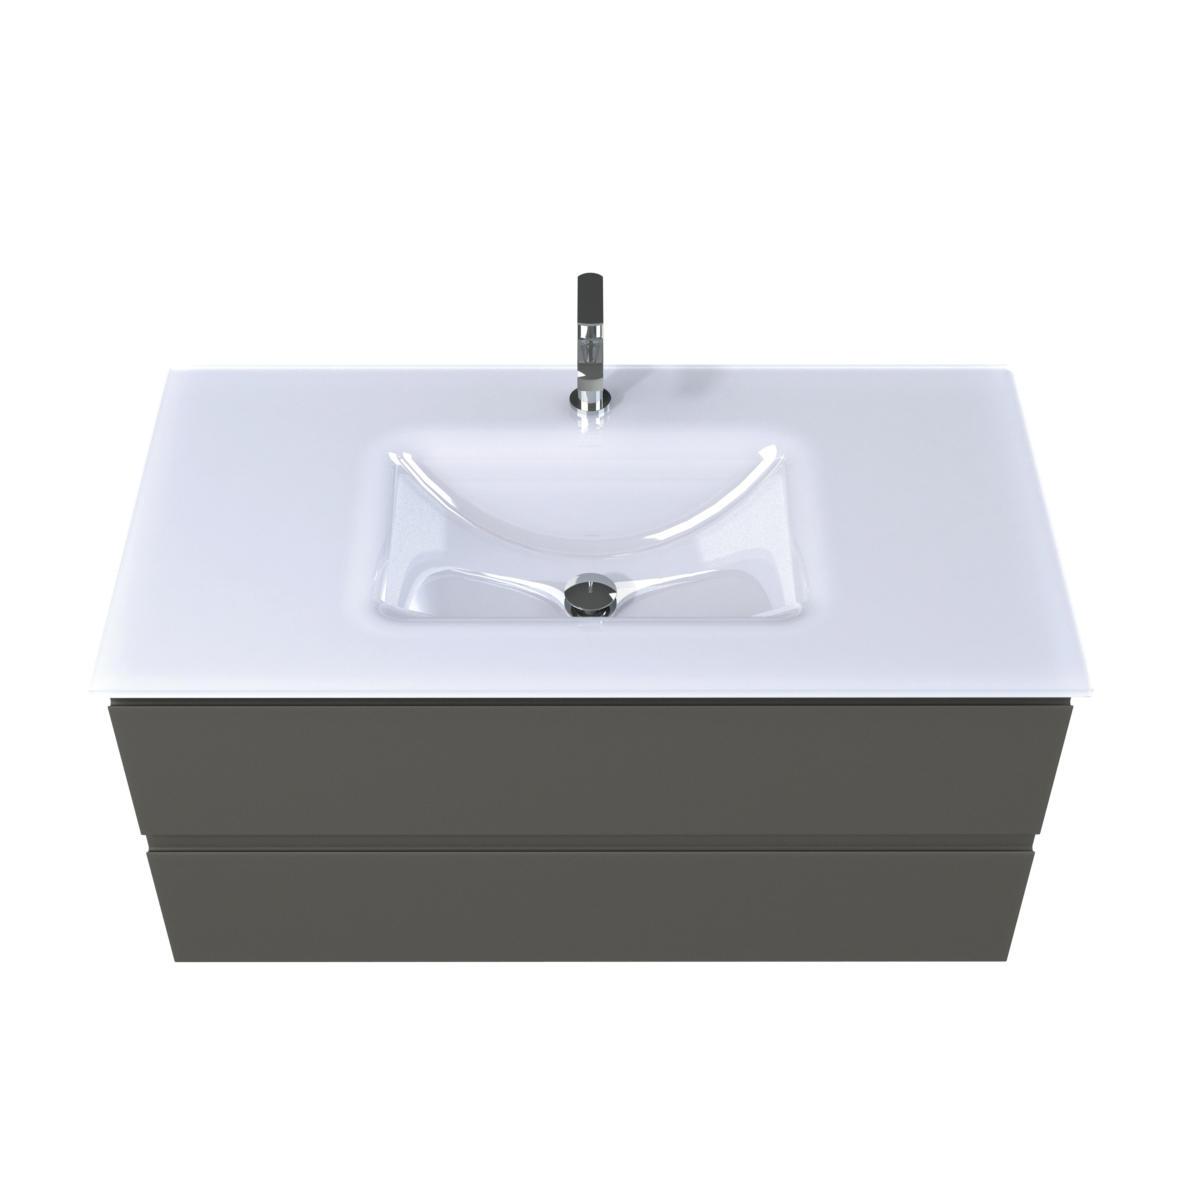 Verre blanc alpin | Meubles de salle de bains, baignoires ...